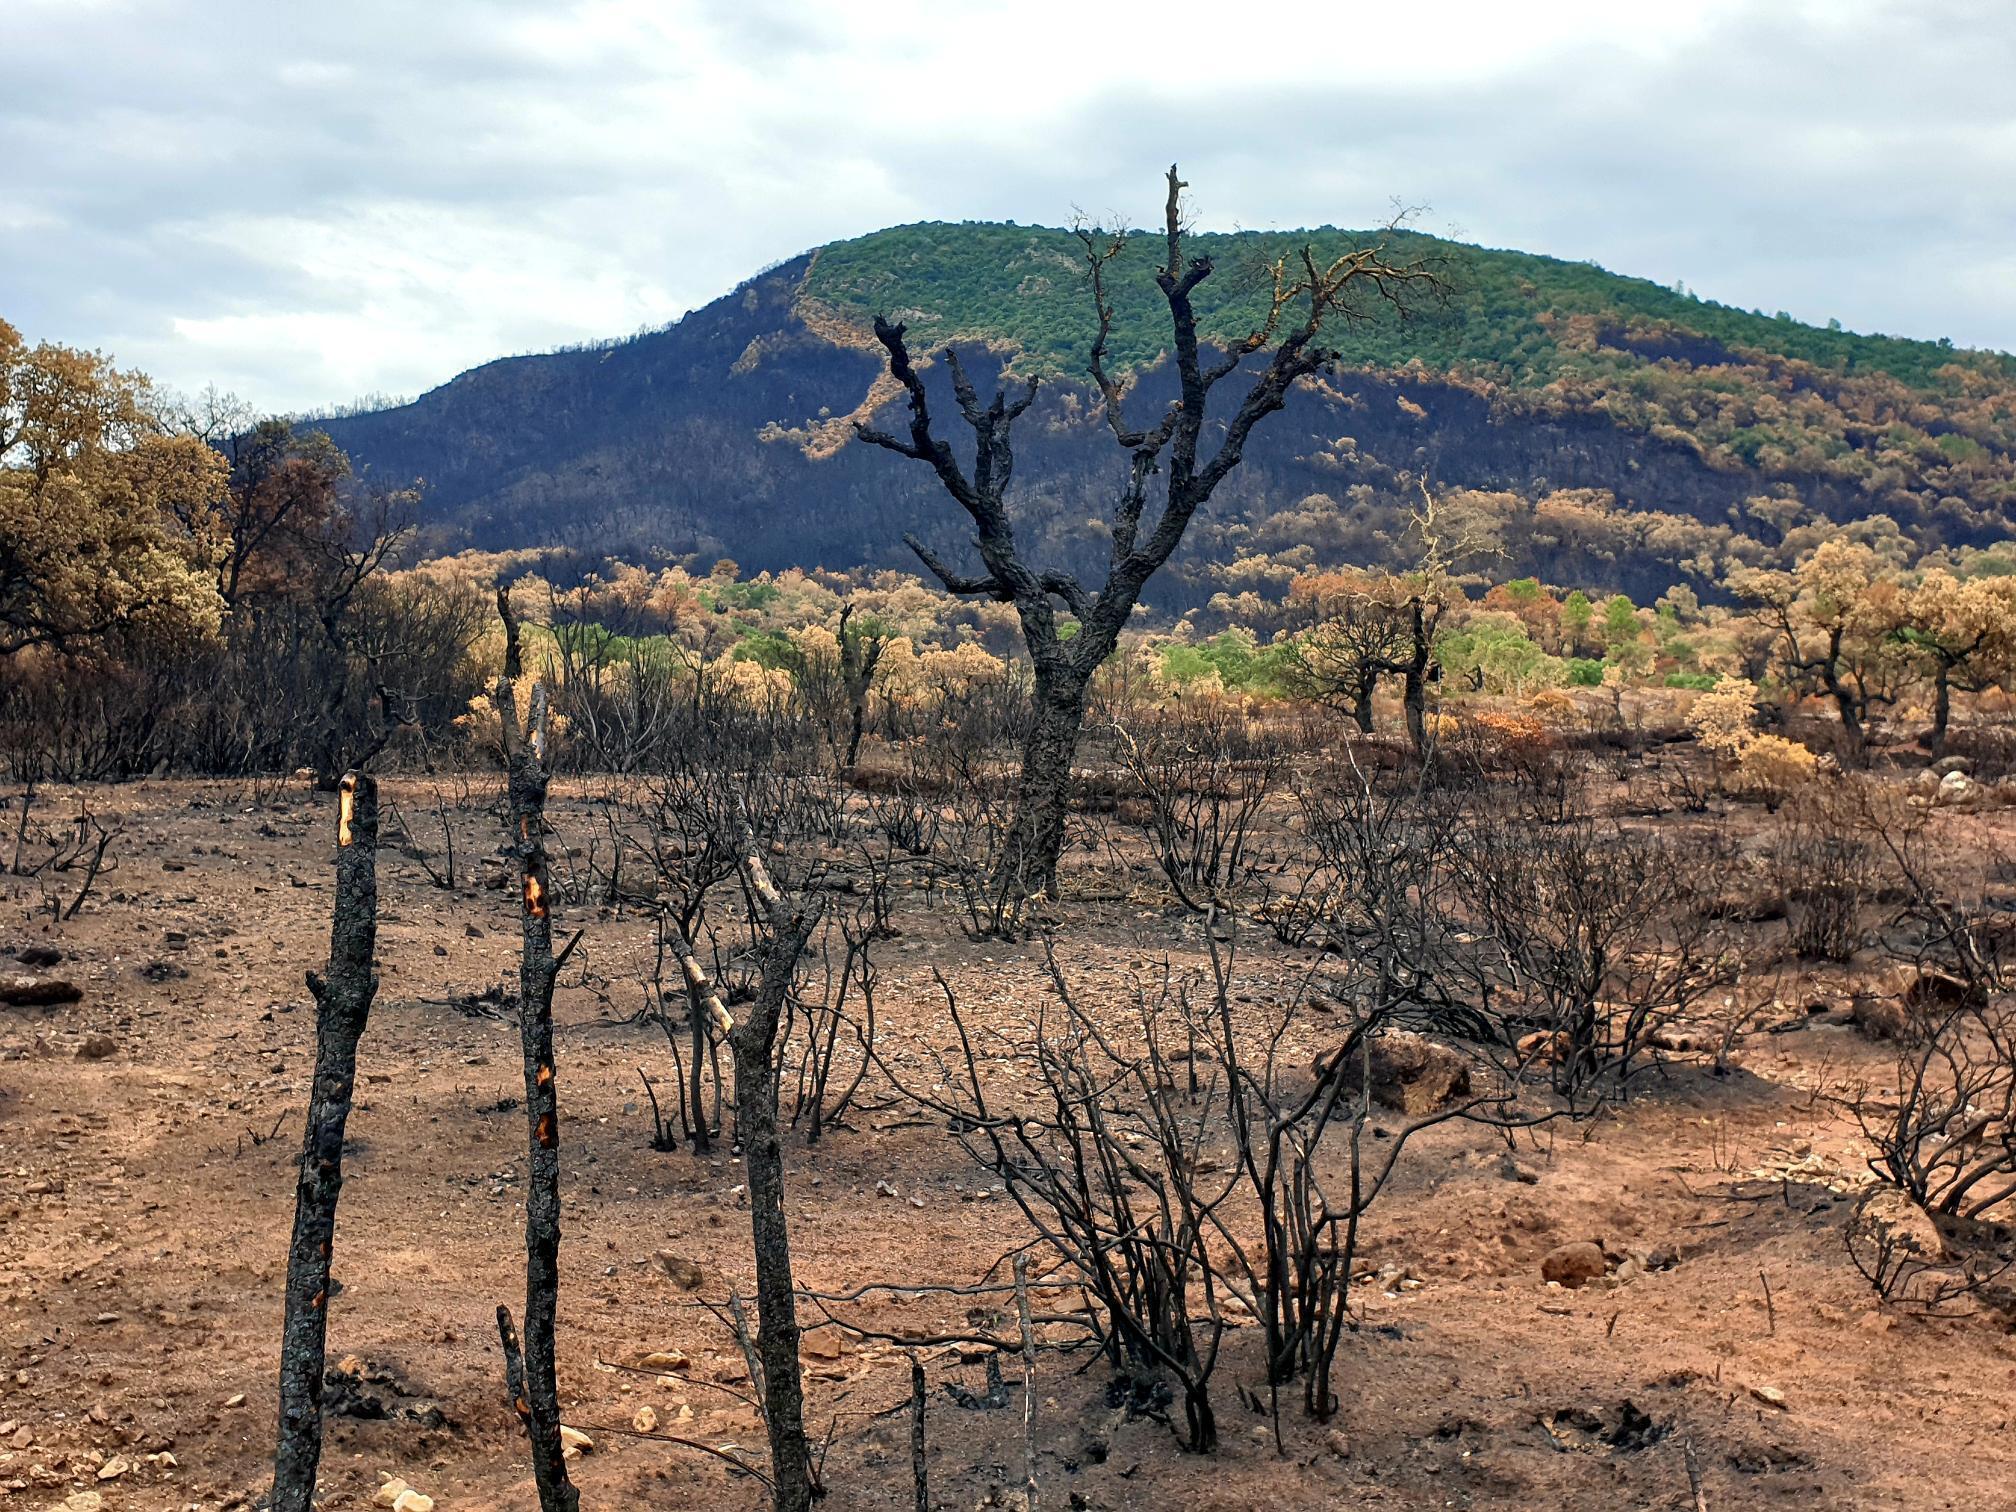 Dans la Plaine des Maures, ou ce qu'il en reste, après le passage des flammes. RFI/F. GUIGNARD